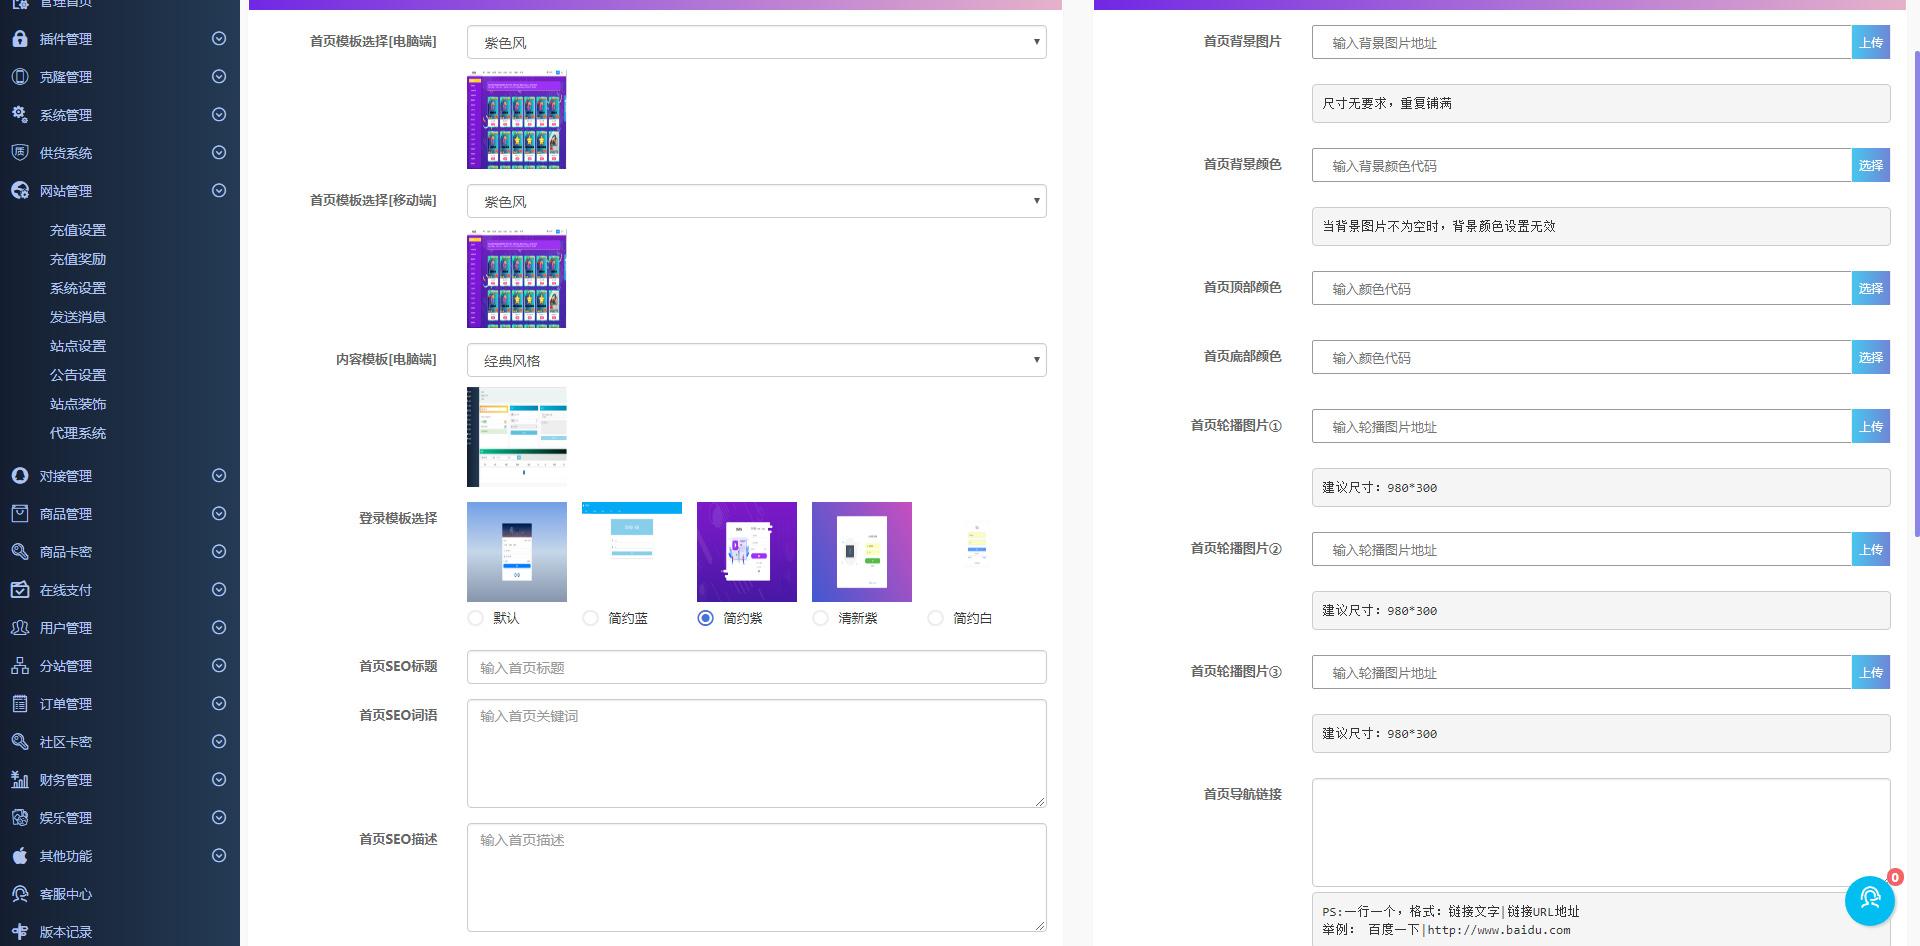 【乐购社区V4.0】2020.06开源版云乐购社区系统-蓝汇源码